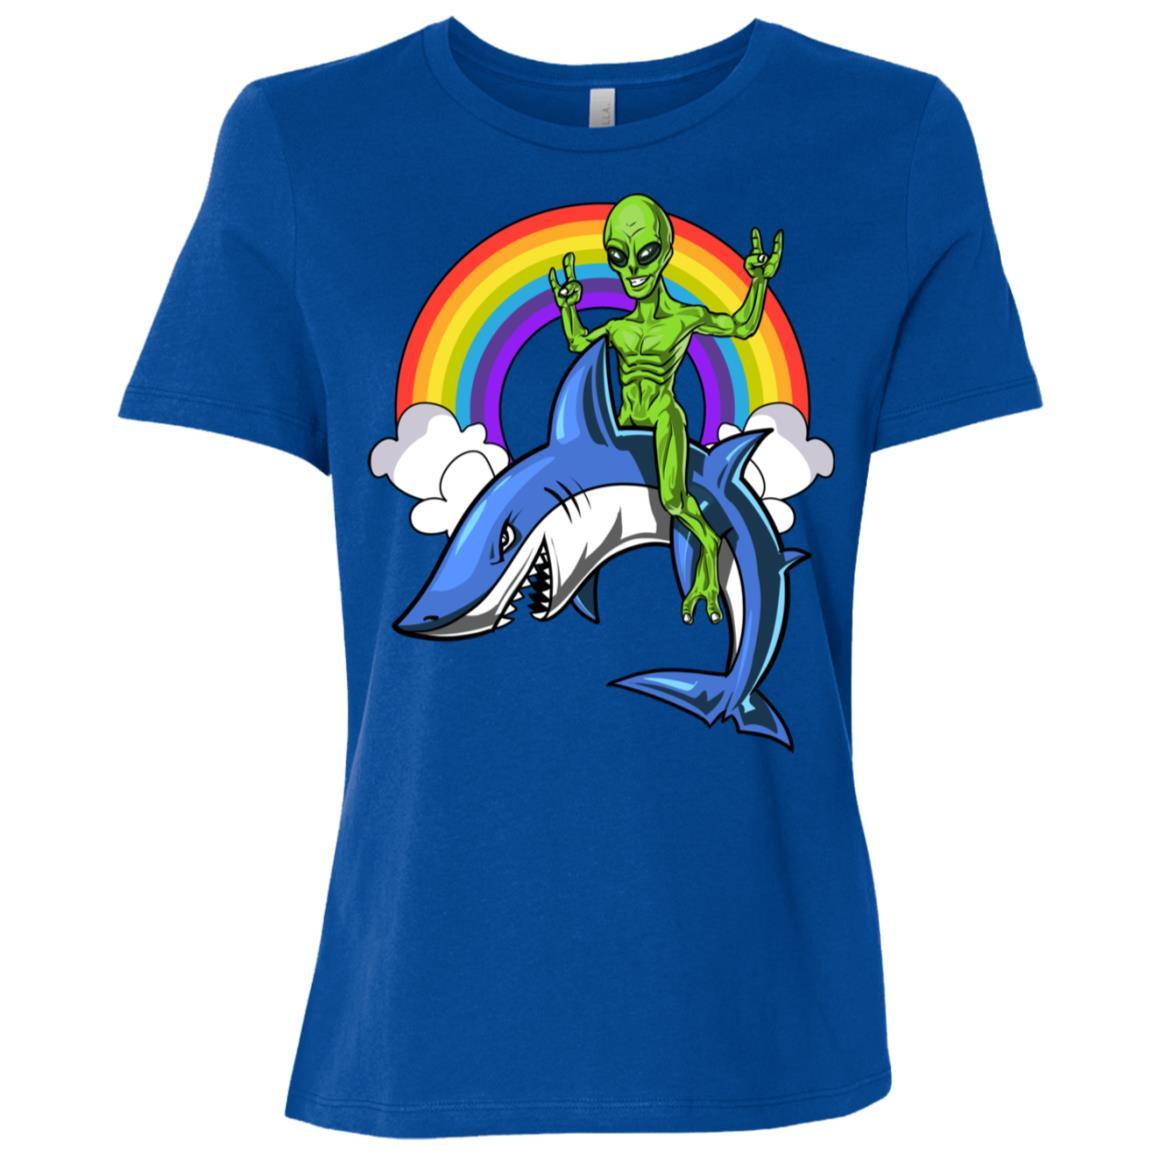 Space Alien Riding Shark Ocean Rainbow Women Short Sleeve T-Shirt